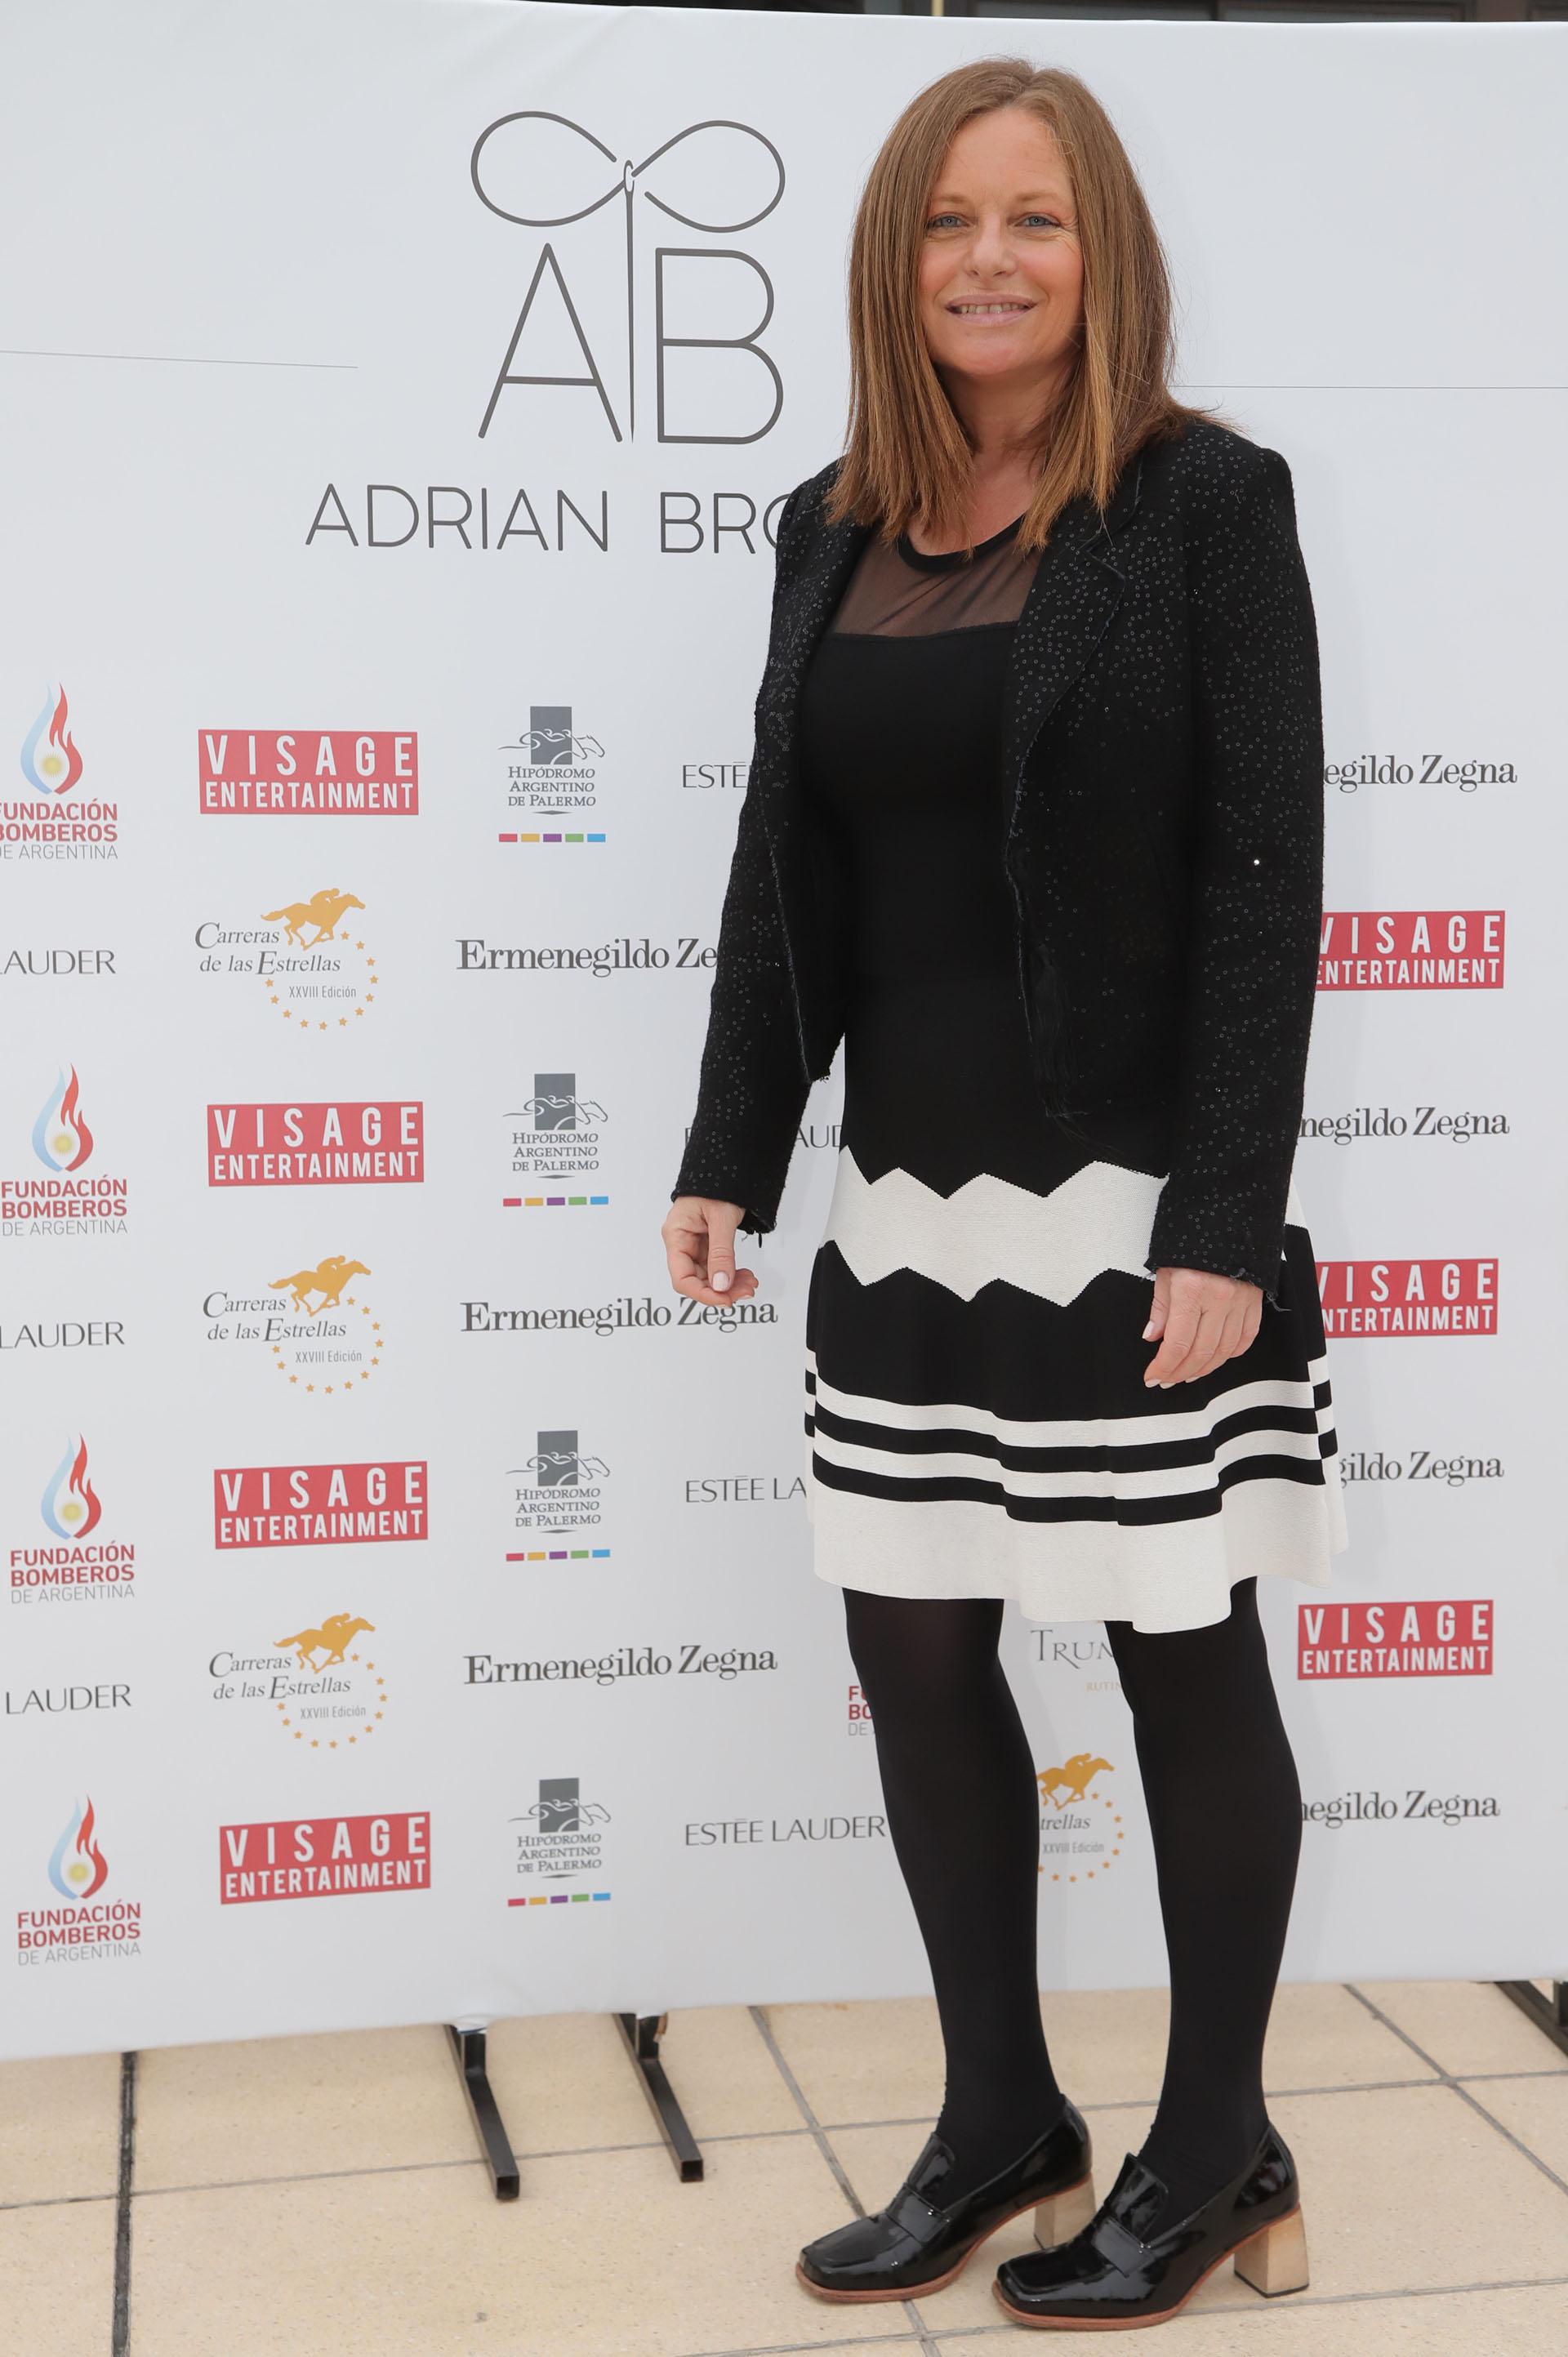 Gabriela Vidal estuvo a cargo de la organización del desfile de Adrián Brown